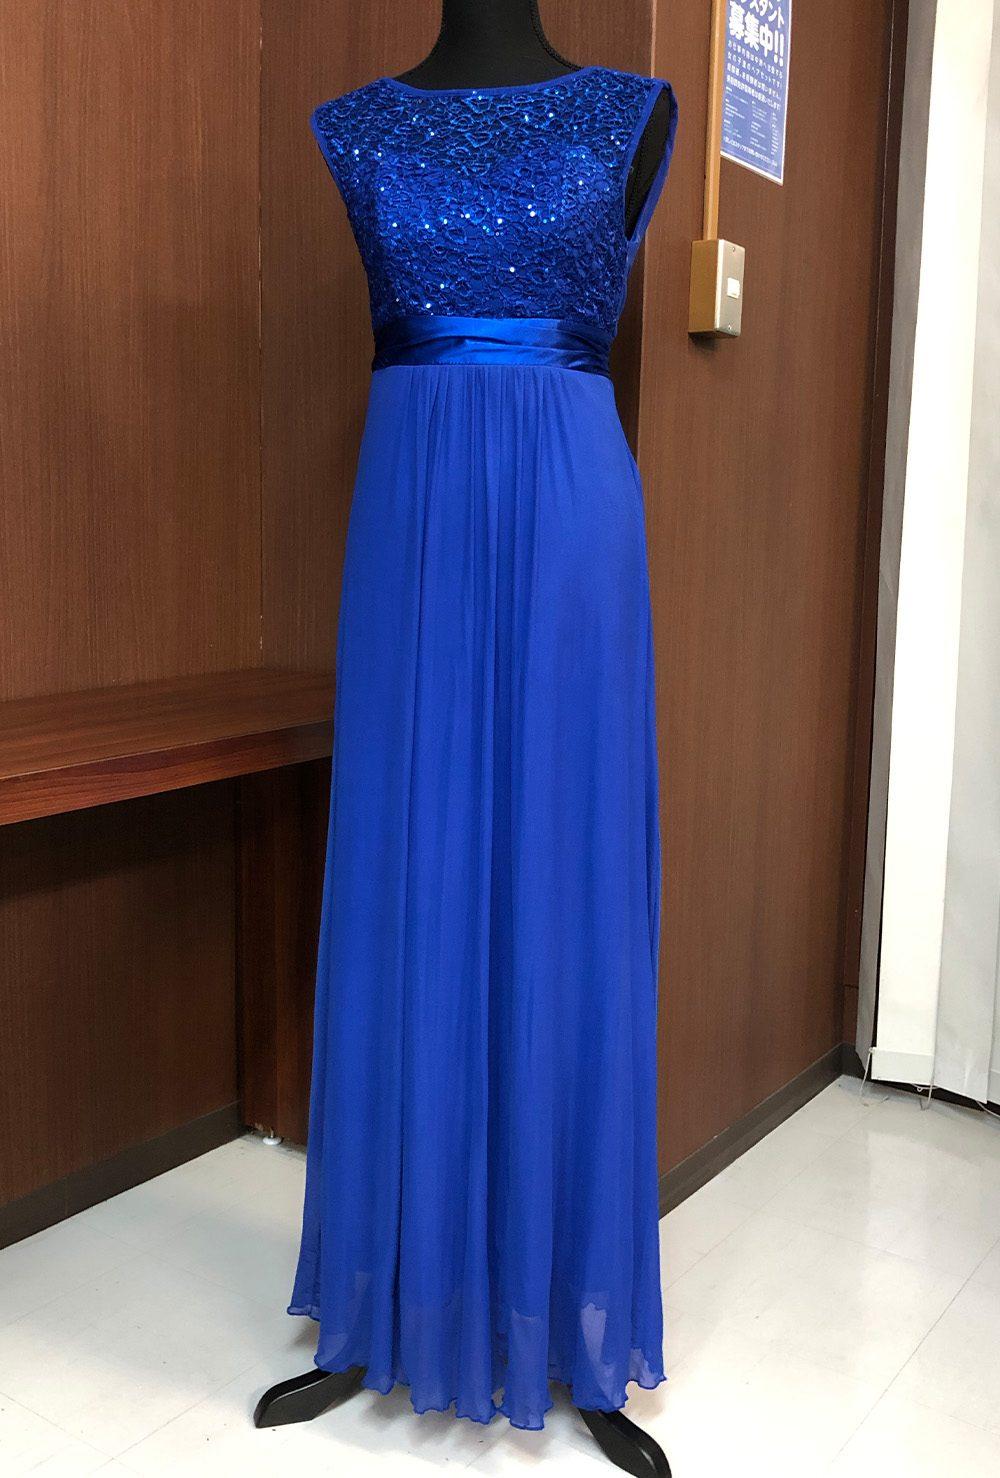 艷やかで高級感のあるブルーが見る者を惹きつけるドレス